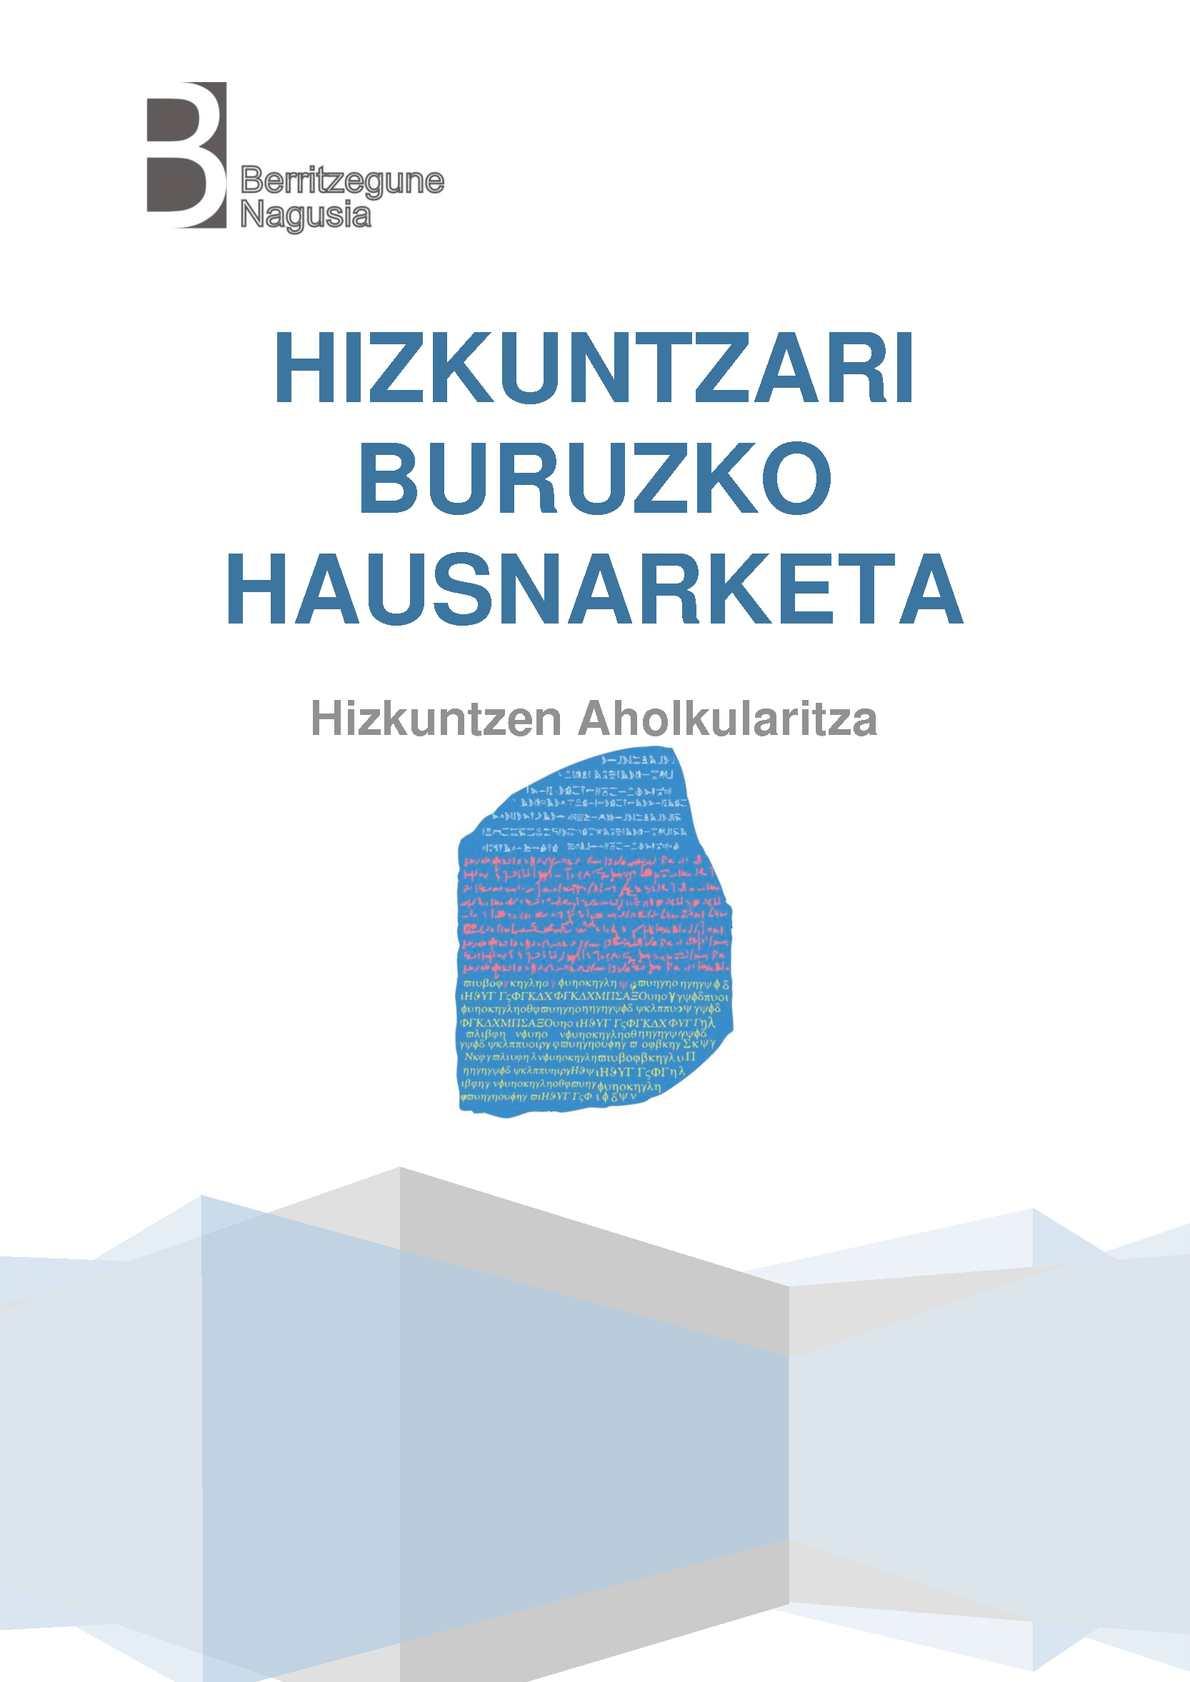 Hizkuntzari buruzko hausnarketa